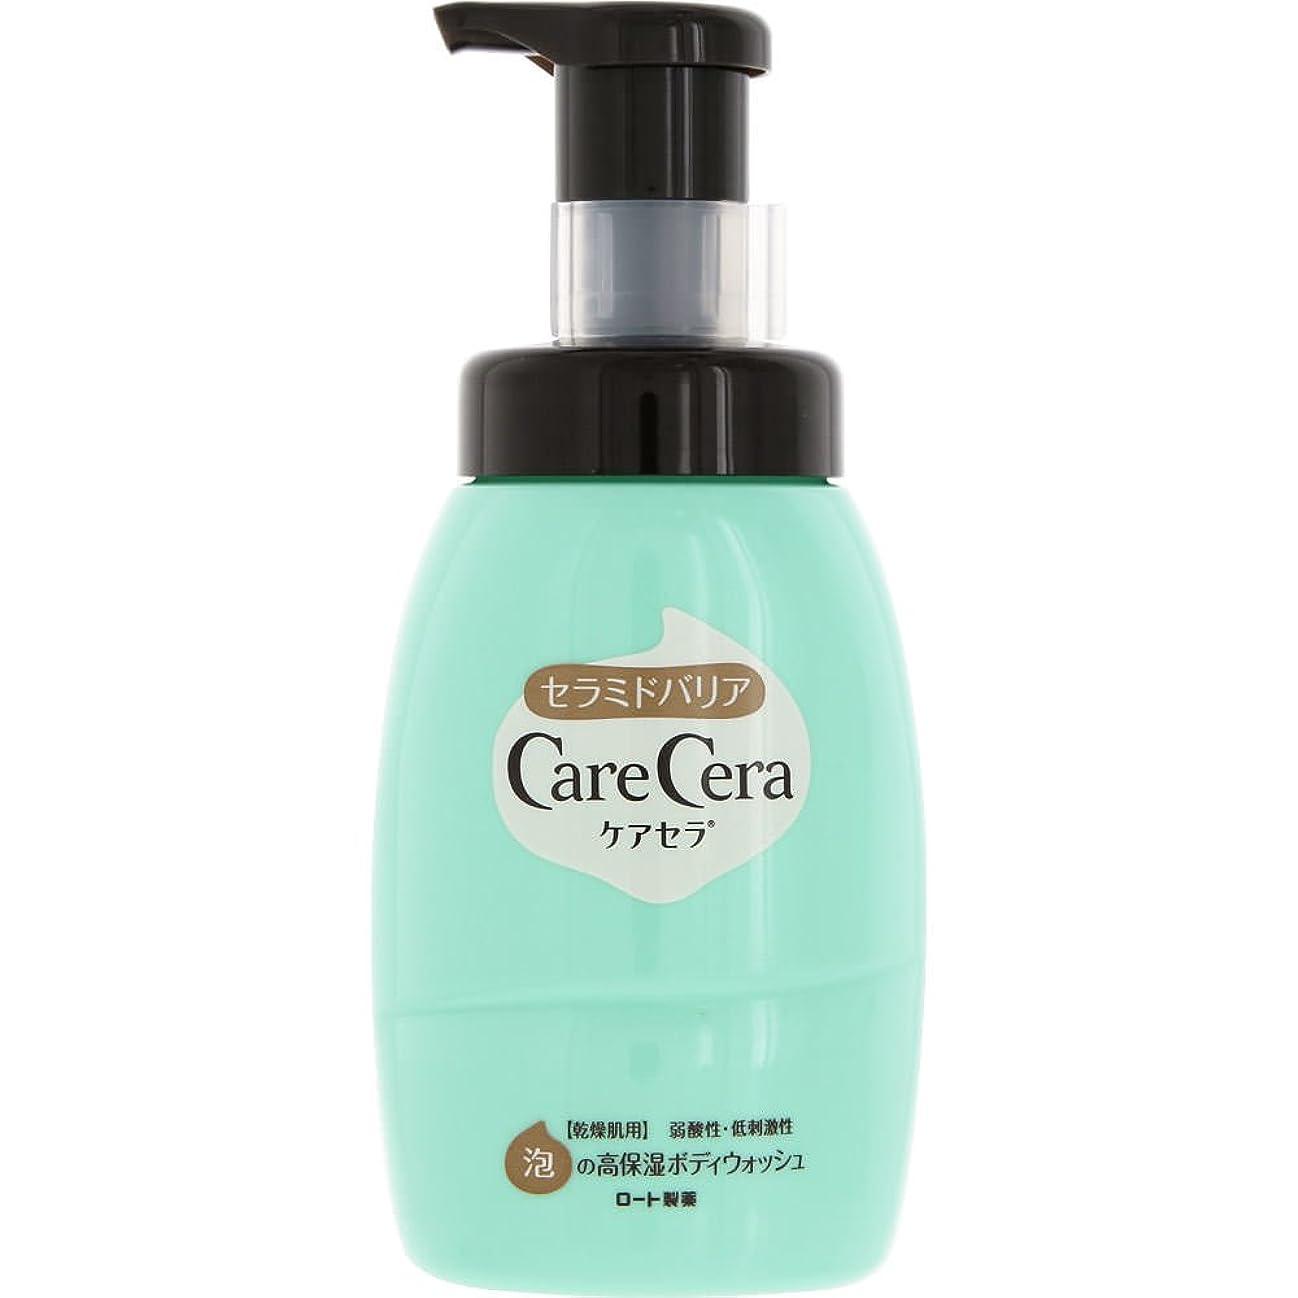 食い違いコース意義CareCera(ケアセラ) 泡の高保湿 ボディウォッシュ 450mL